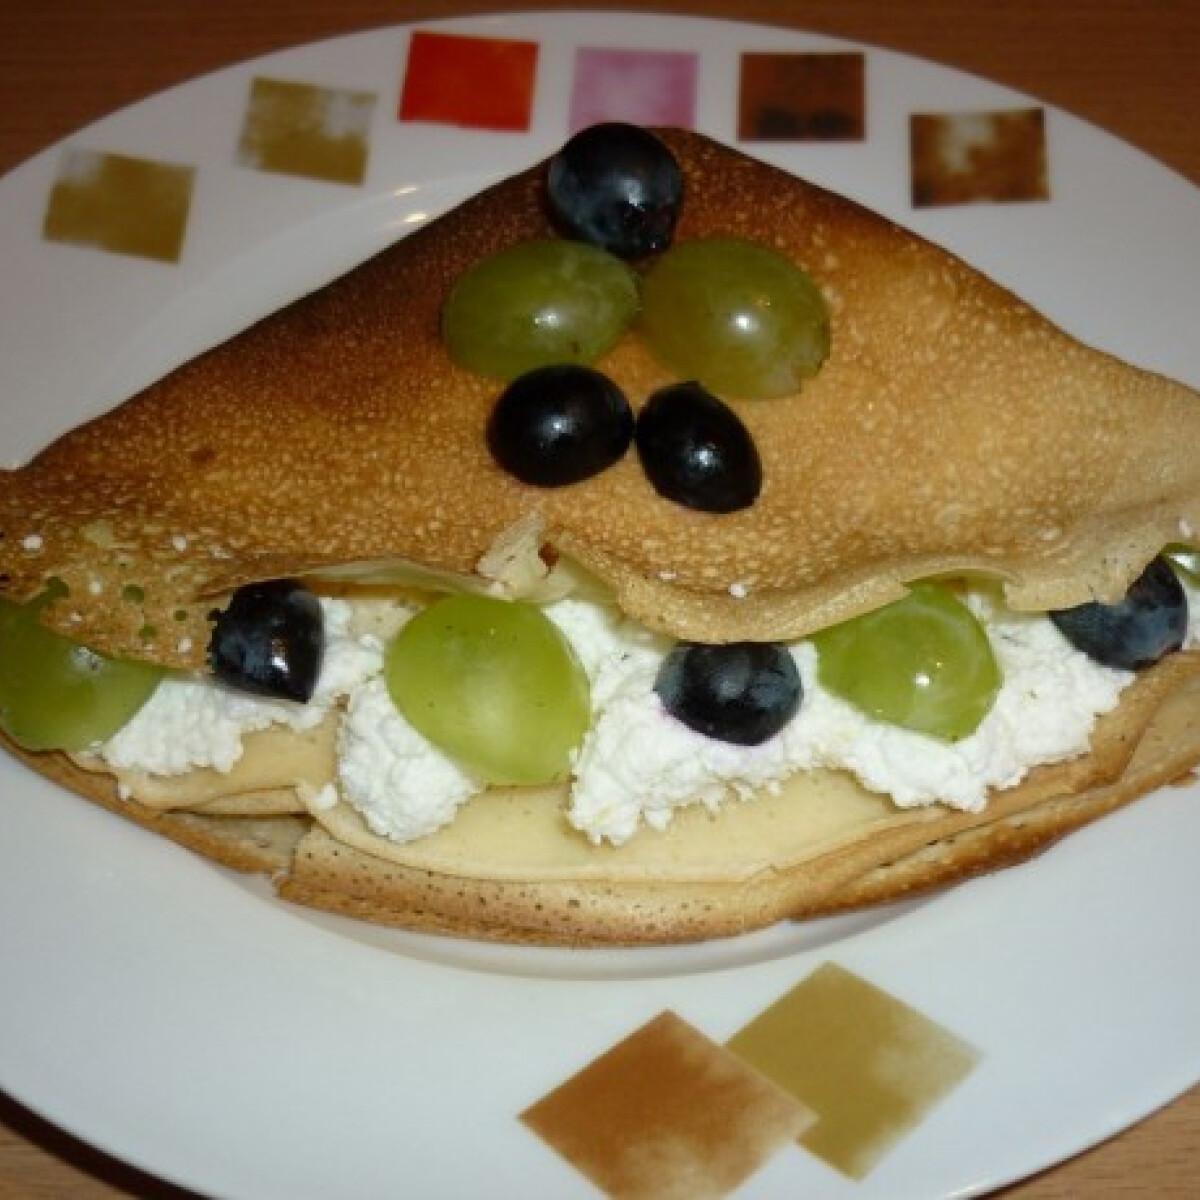 Ezen a képen: Túrós-szőlős palacsinta